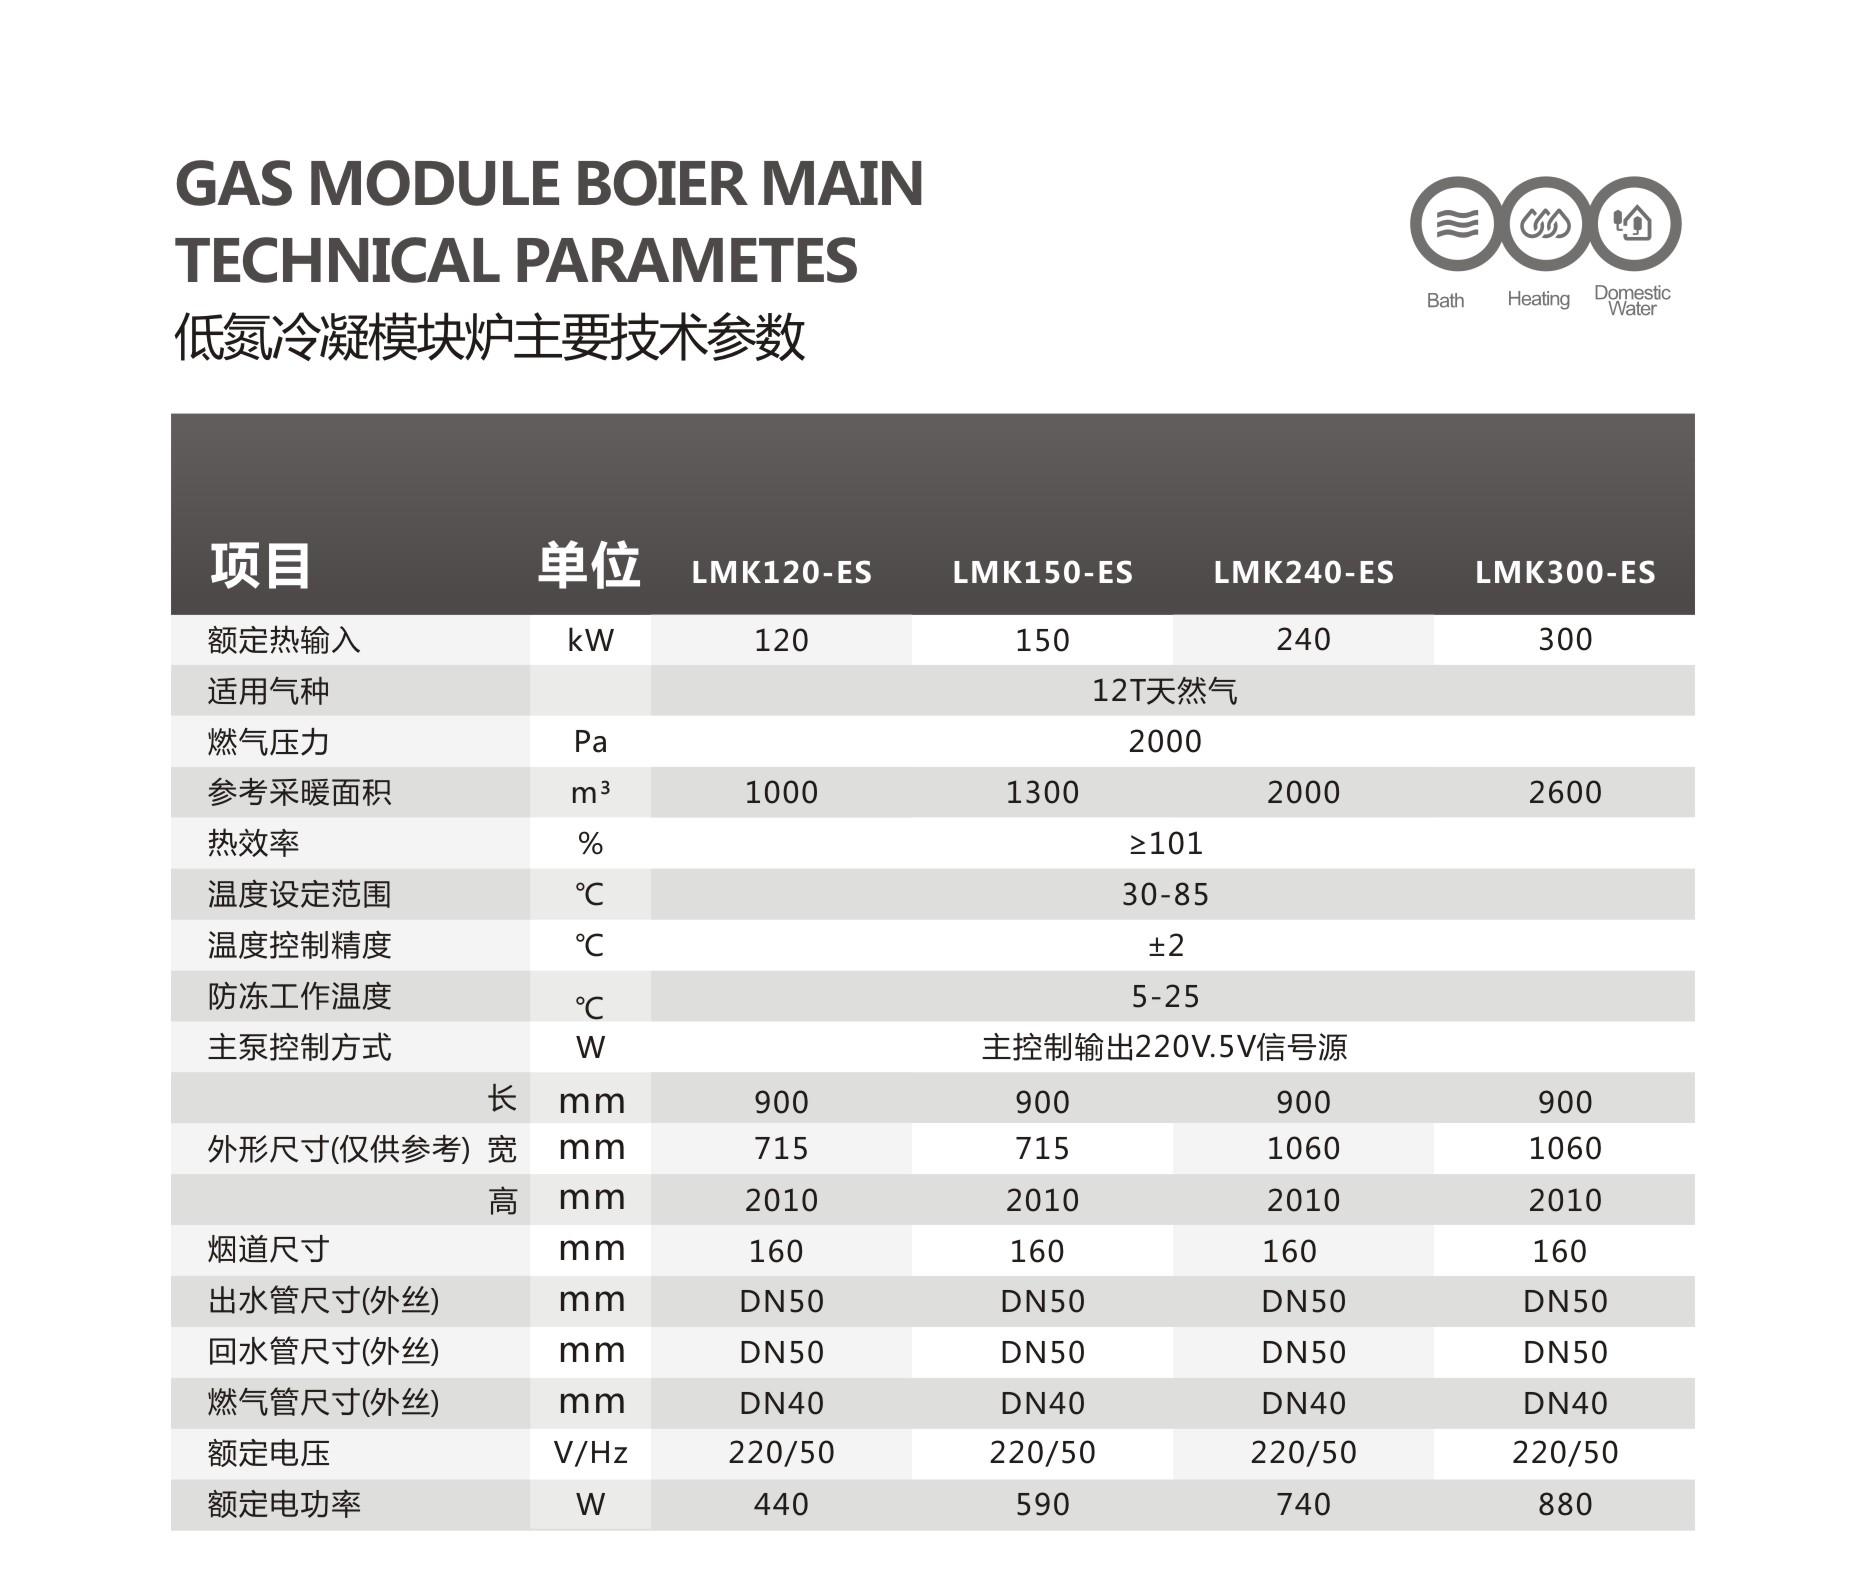 低氮冷凝模块炉参数